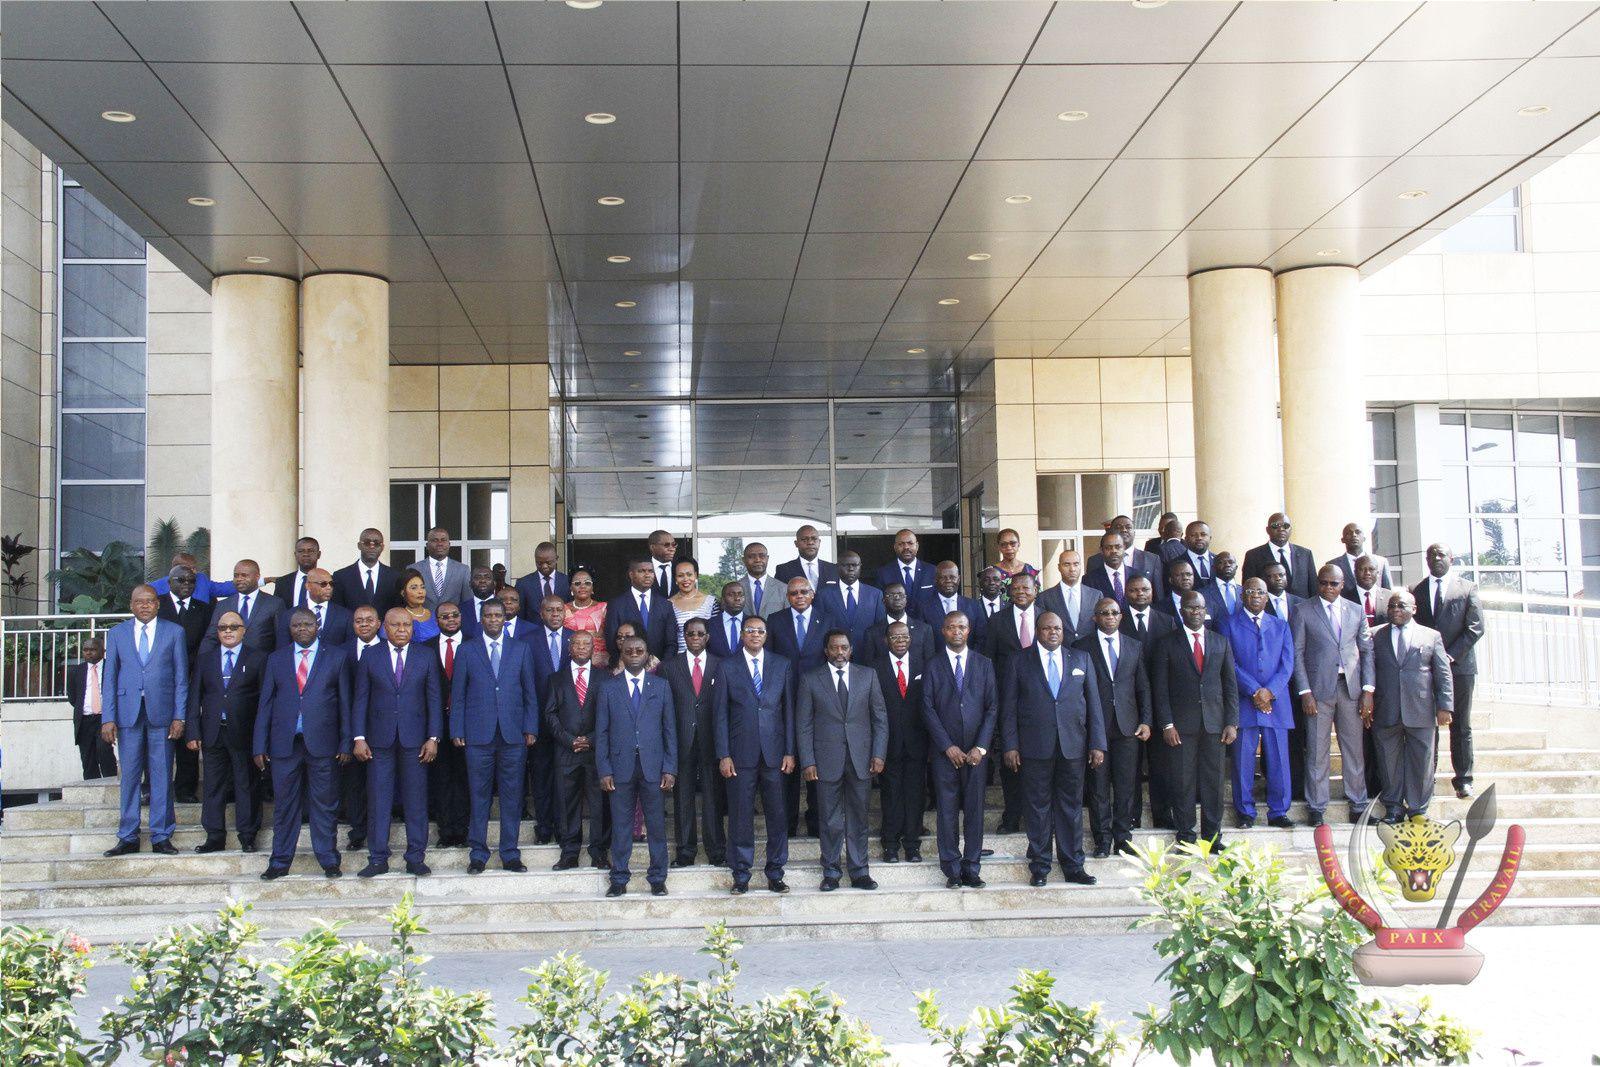 Elections RD Congo 2018: FCC, une coalition fourre-tout vient de naître